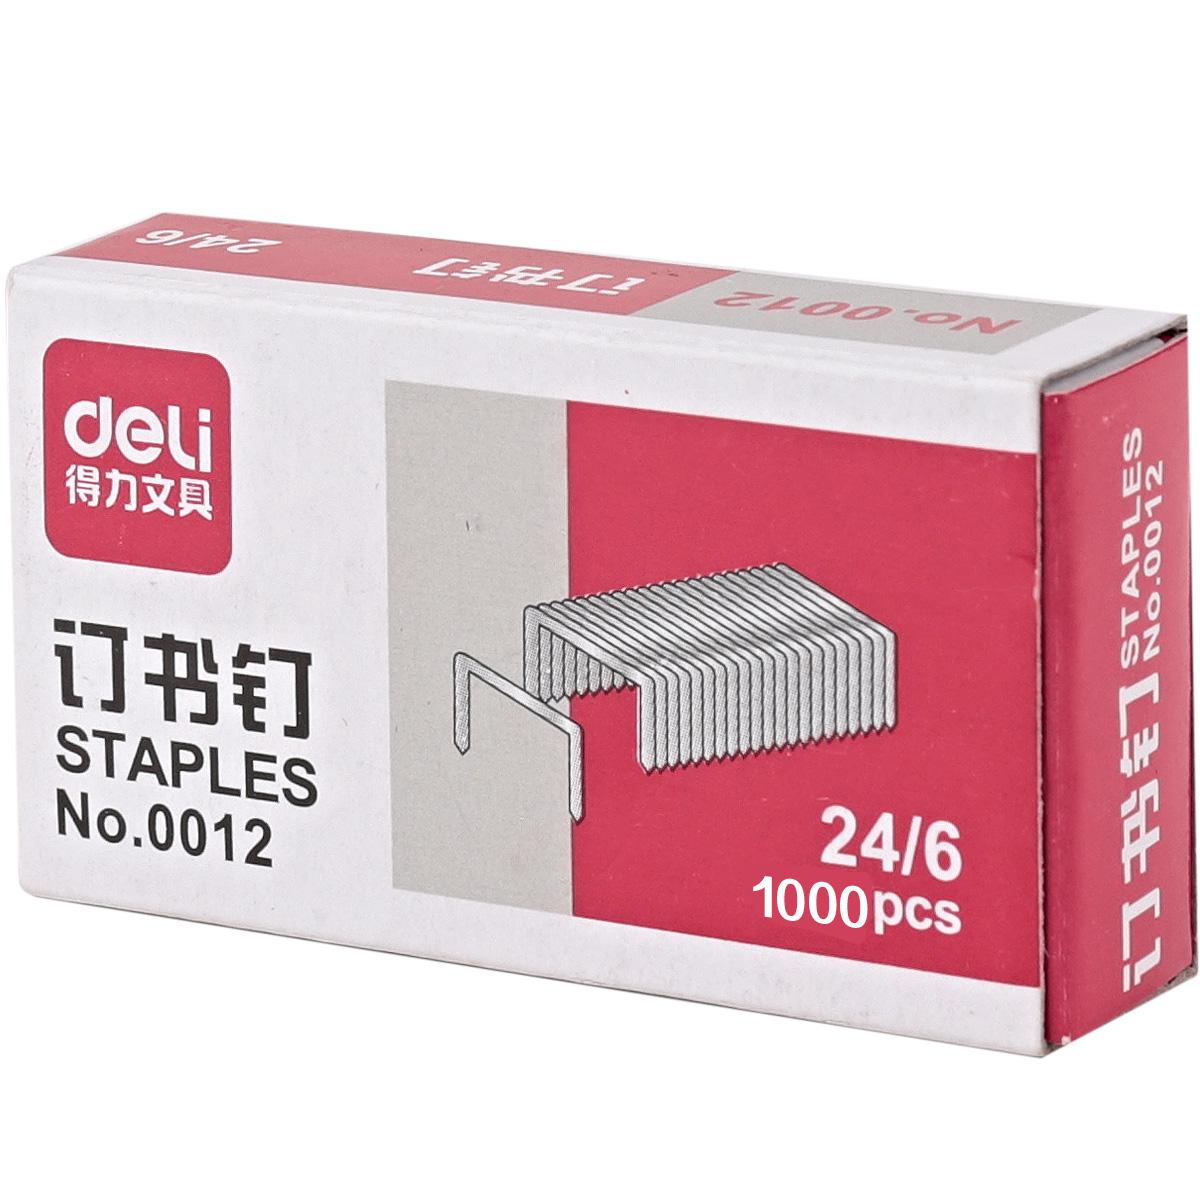 【十盒】得力0012订书针24/6订书钉12#统一通用型钉书针包邮